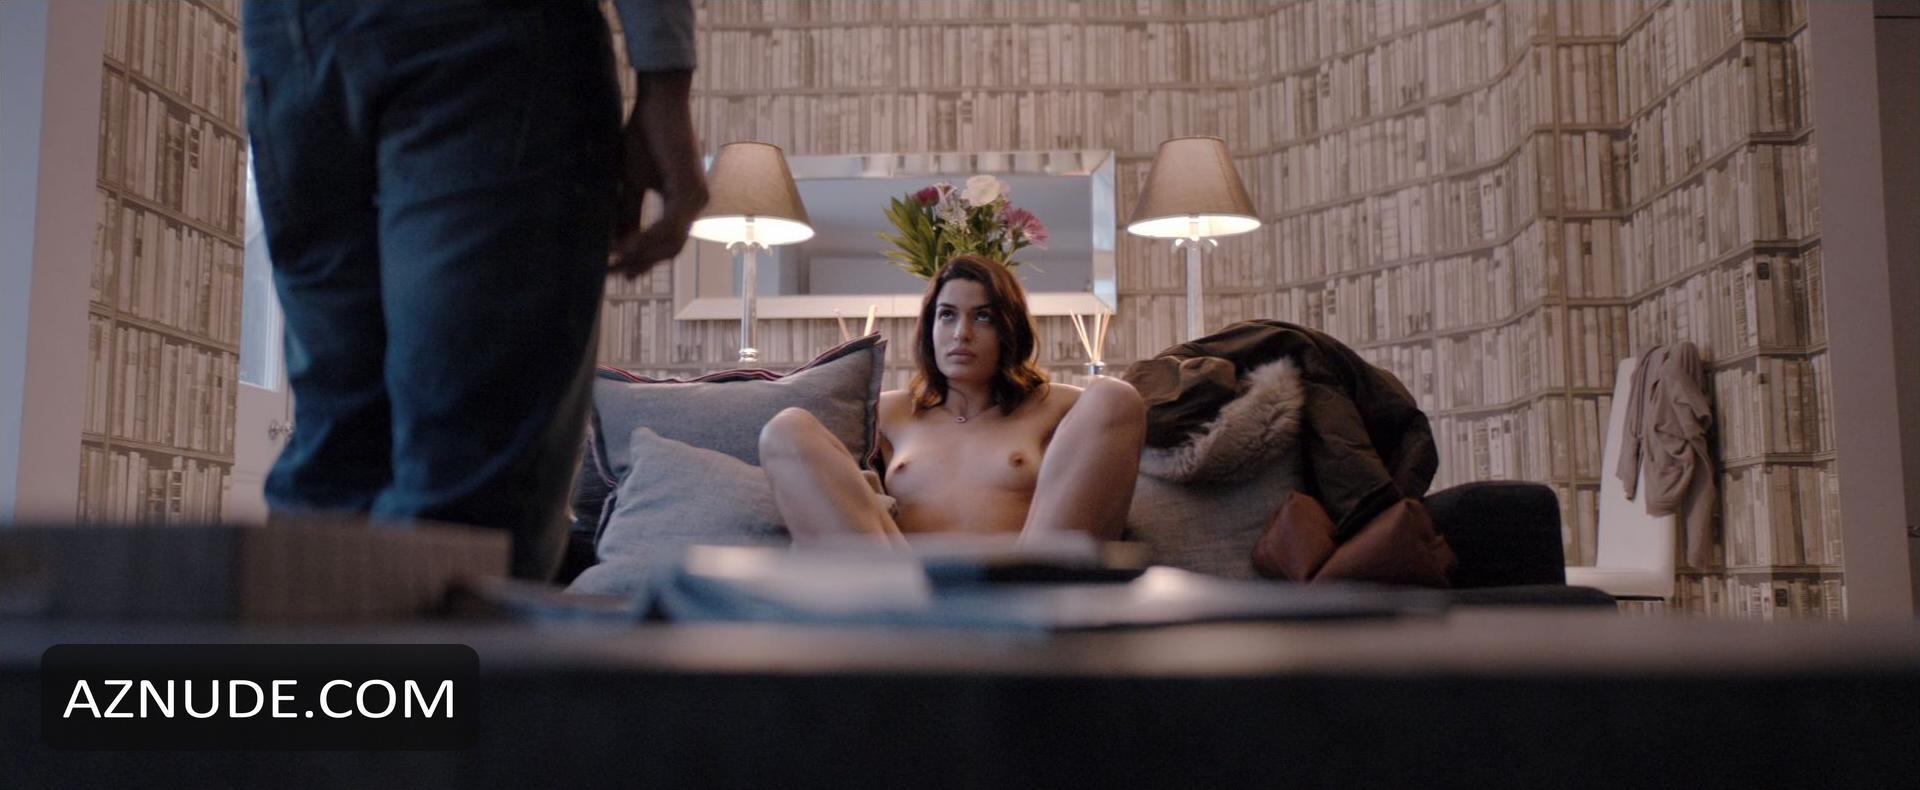 TONIA SOTIROPOULOU Nude - AZNude